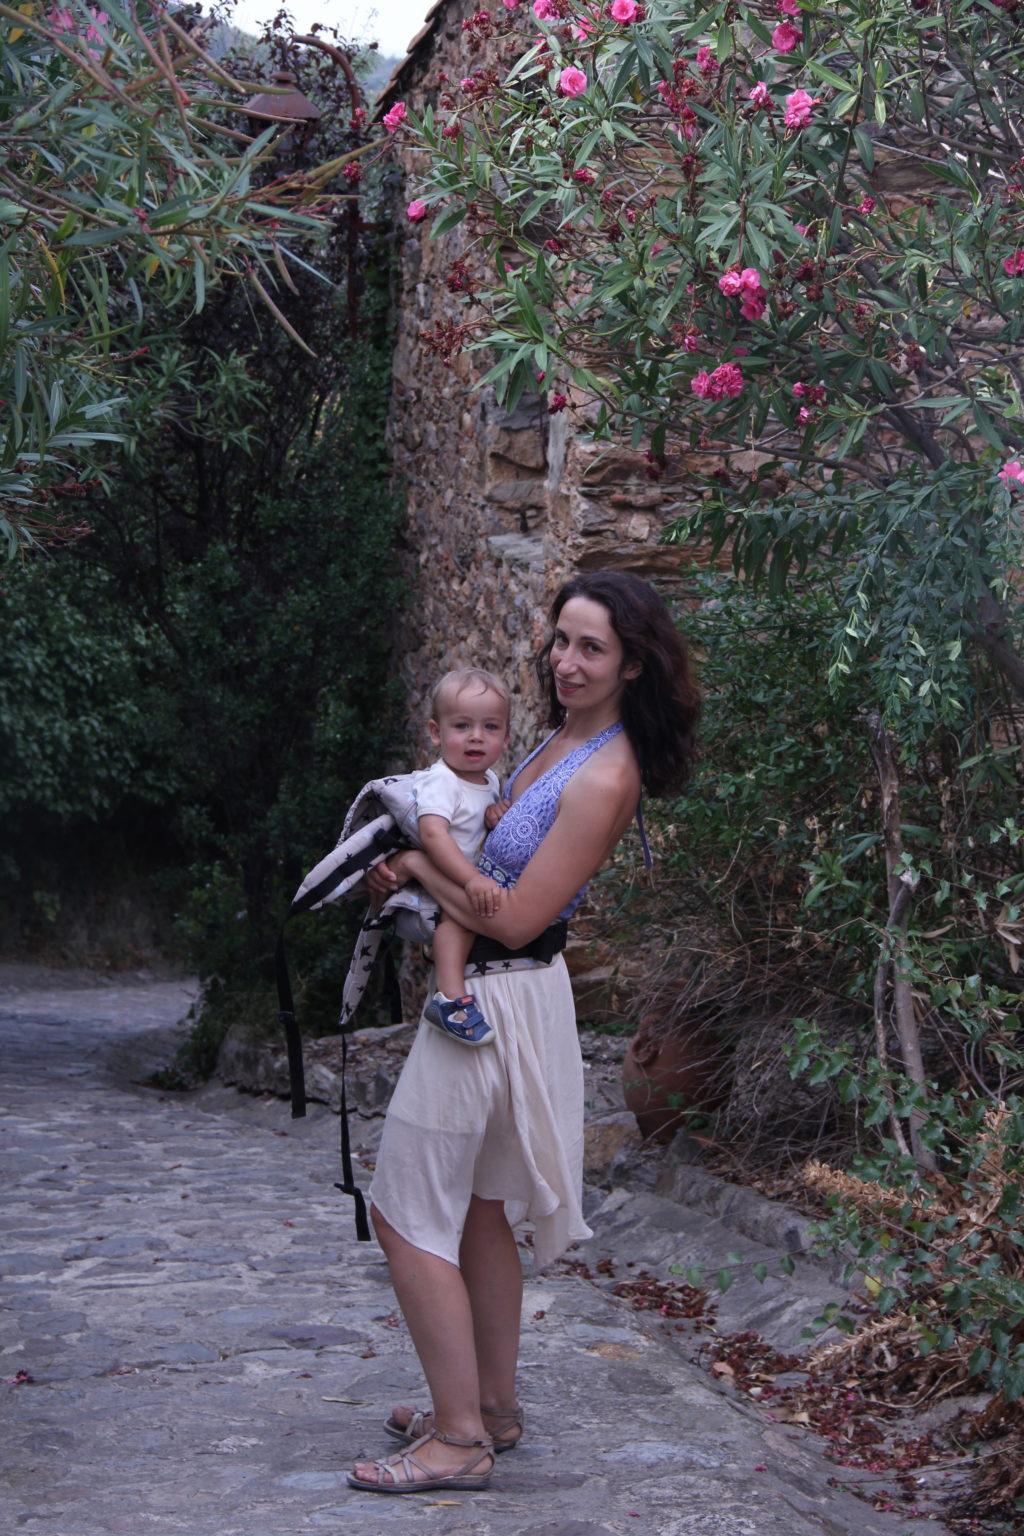 LittleBuddha - Кастельну. Путешествуем по Франции с ребенком